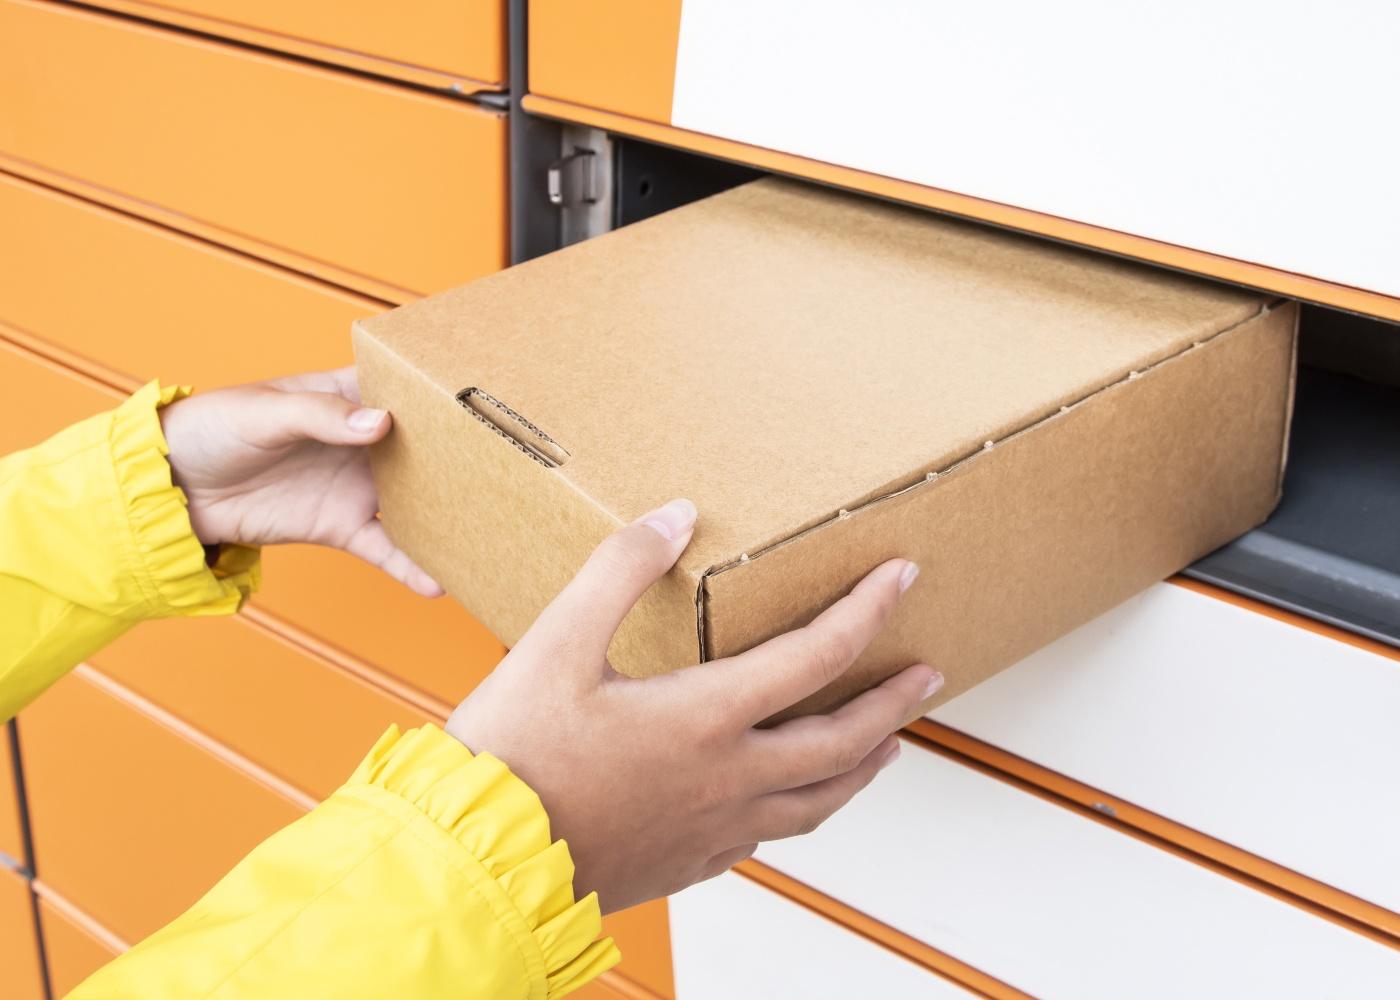 levanta encomenda caixa de correio